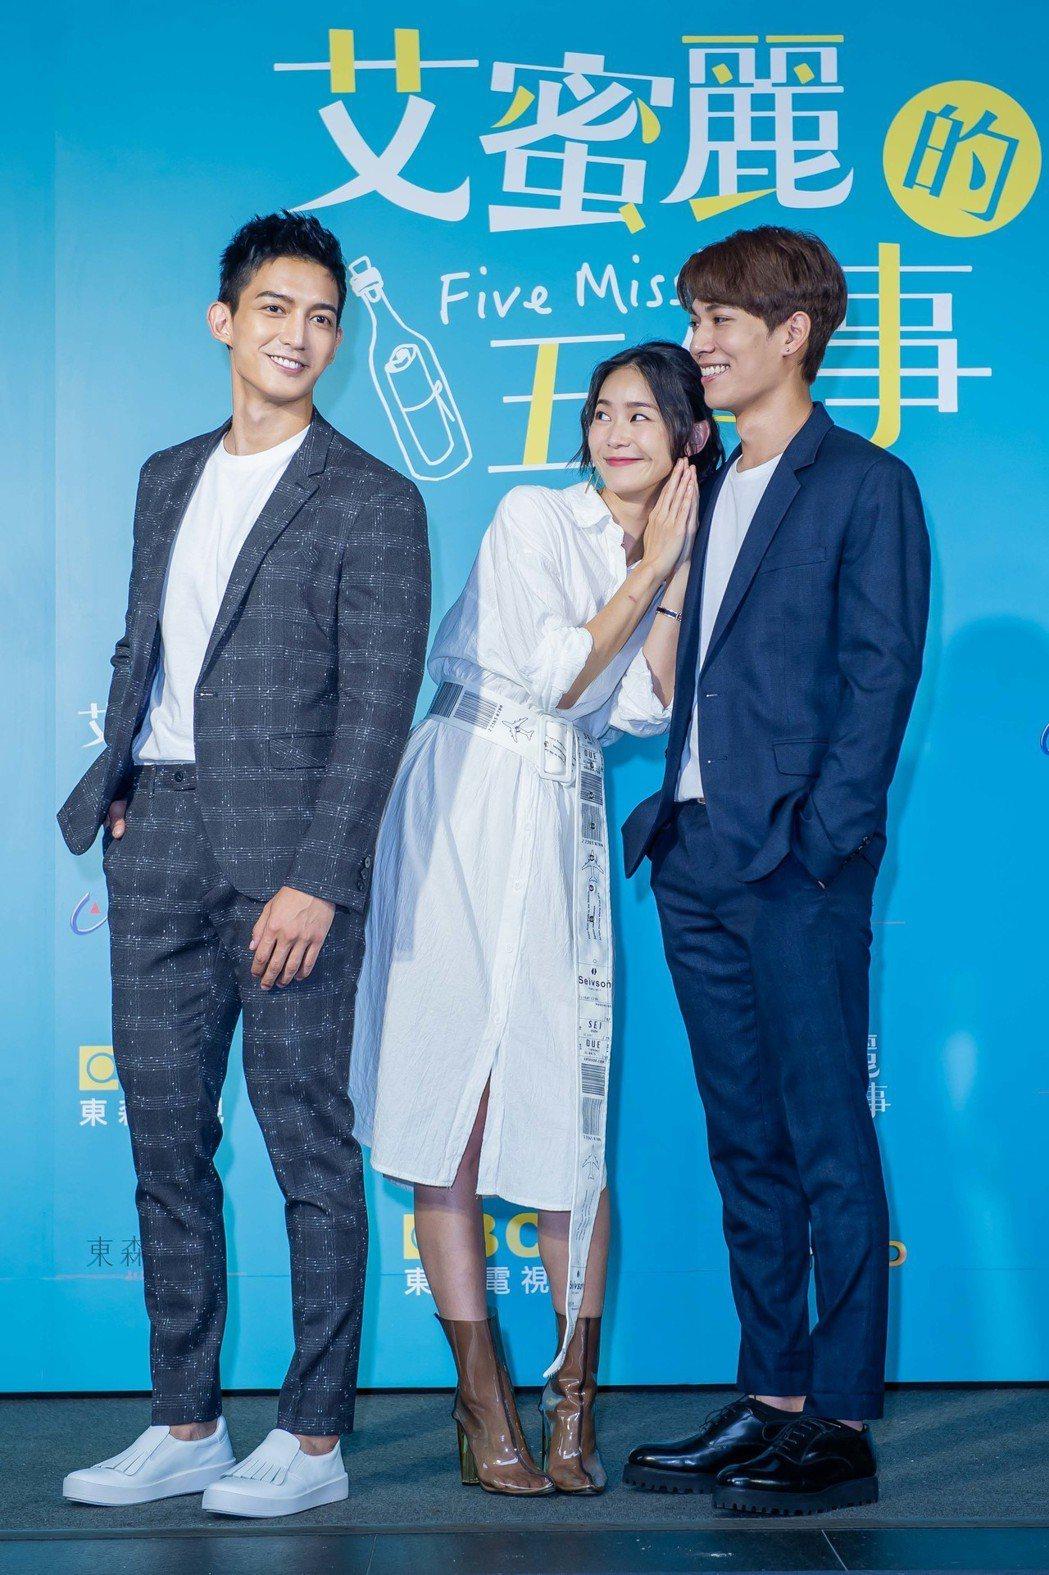 林子閎(右起)、鍾瑶、王家梁演出「艾蜜麗的五件事」。圖/東森提供